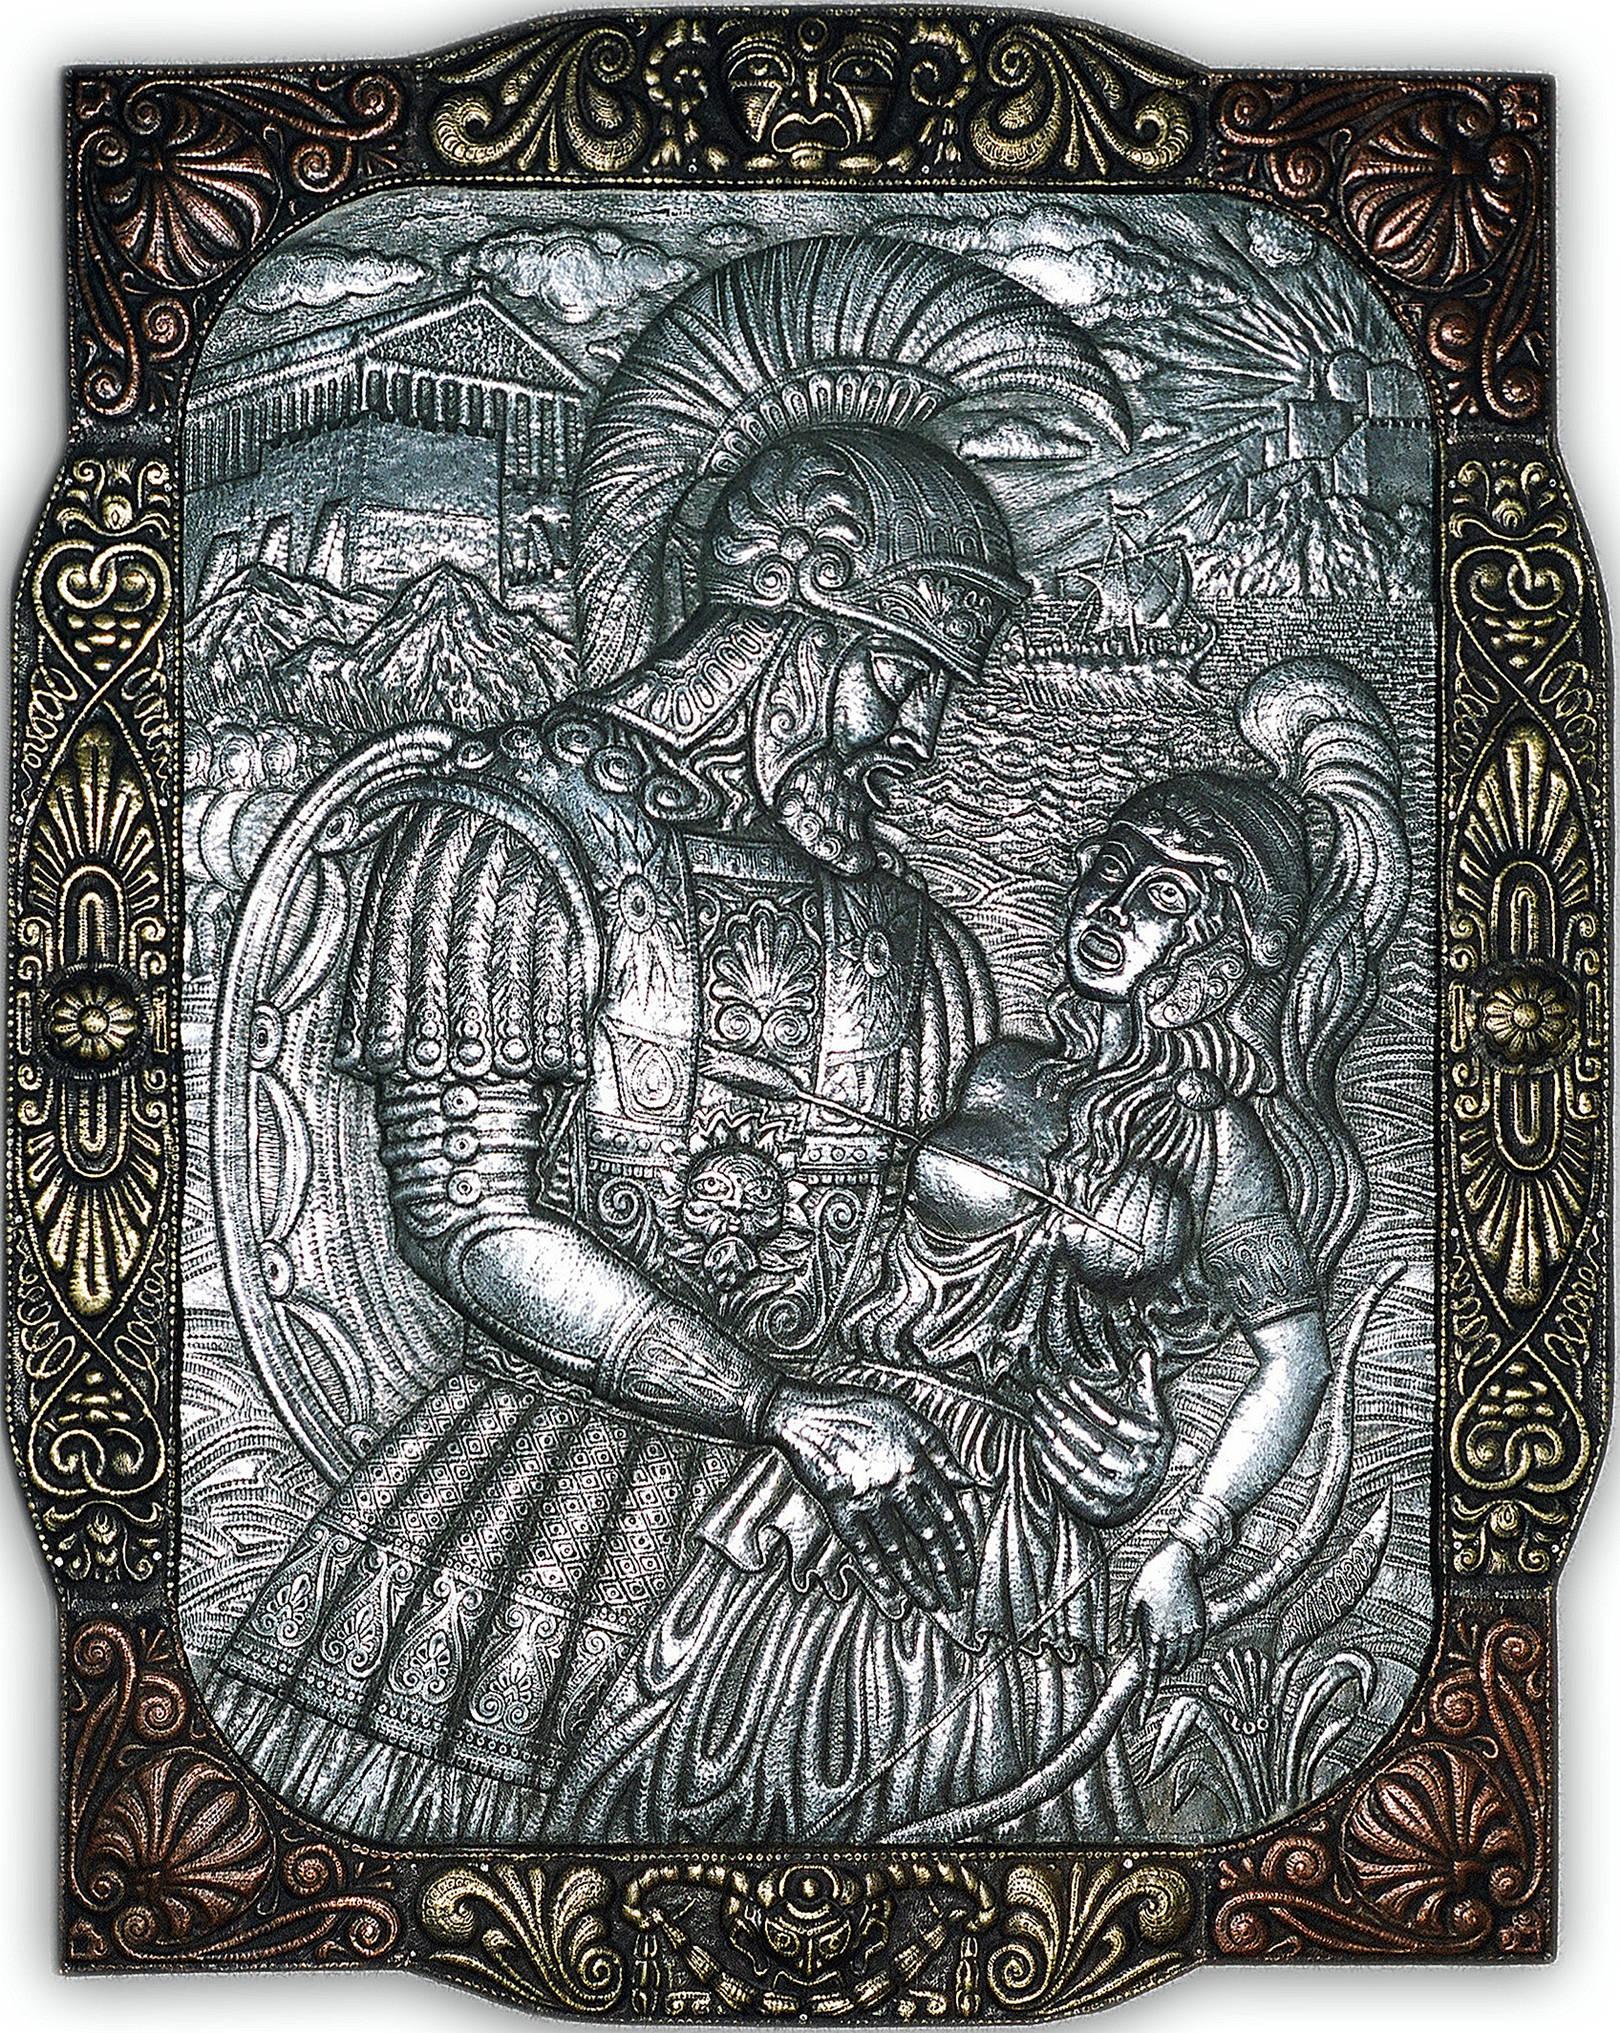 Раненая амазонка   2002 г. (панно)                                                                                                                Алюминий, медь, латунь; чернение. 96х78 см